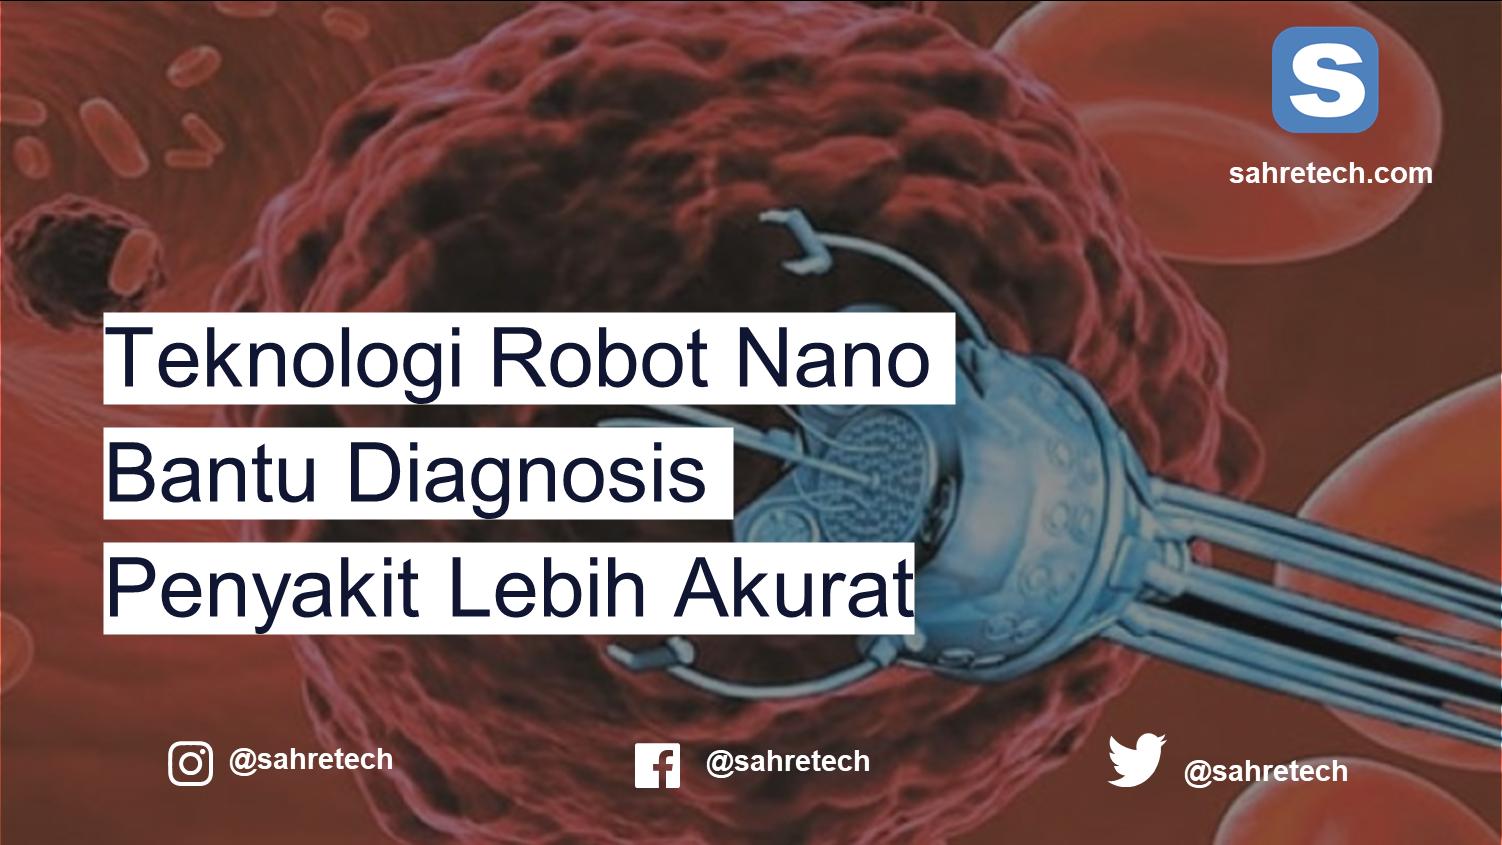 Teknologi Robot Nano Bantu Diagnosis Penyakit Lebih Akurat